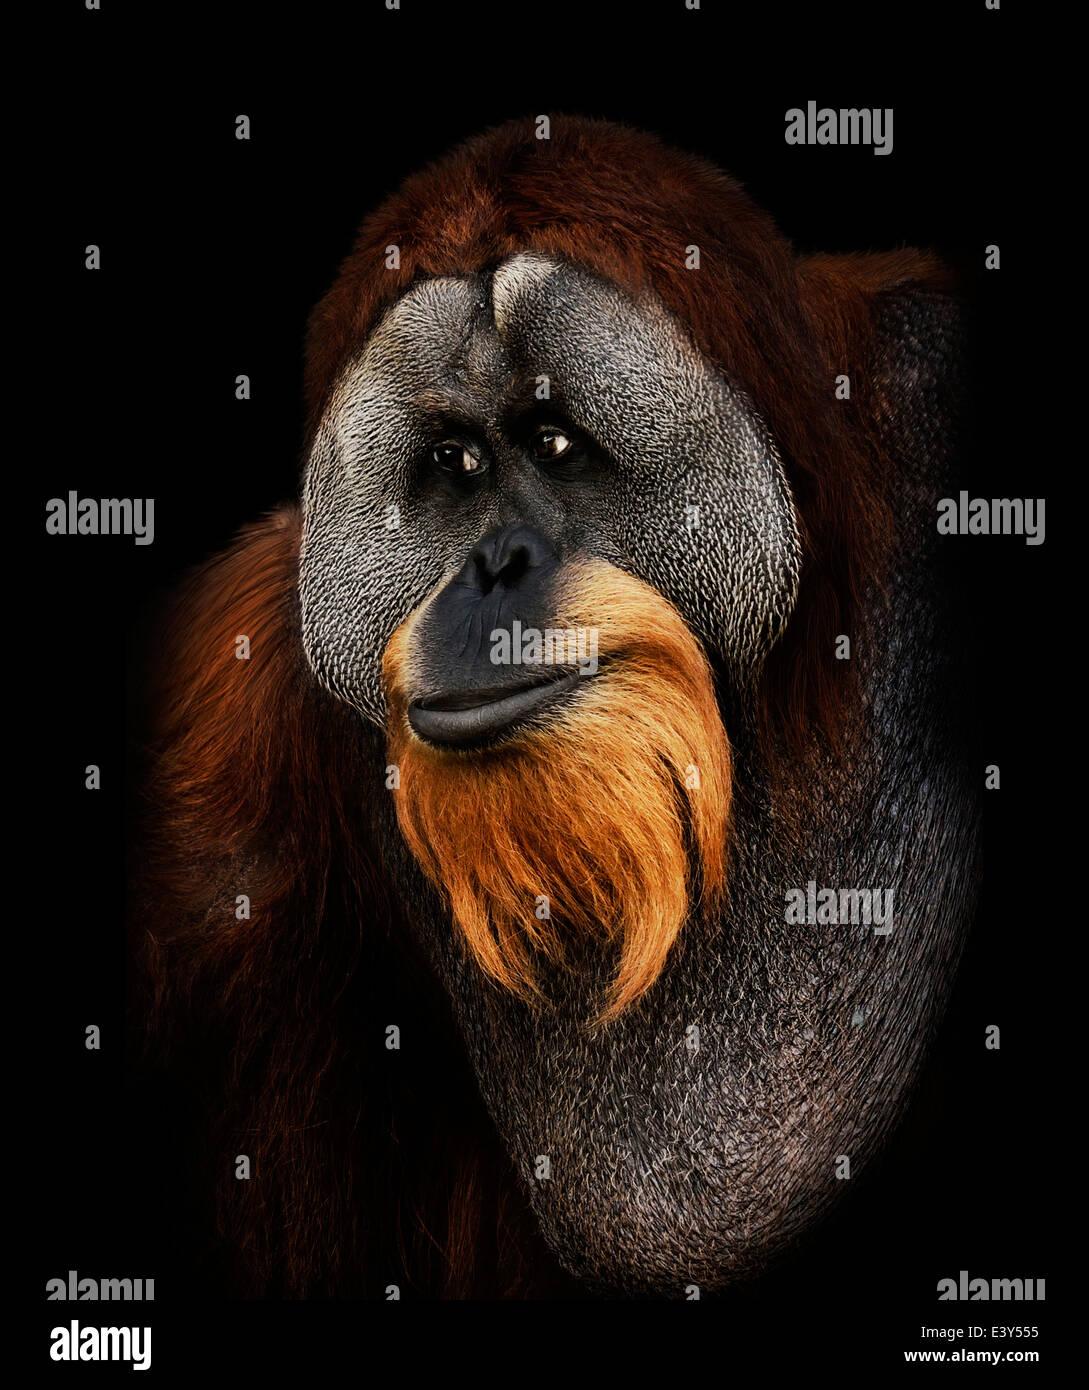 Orangutan ritratto su sfondo nero Immagini Stock